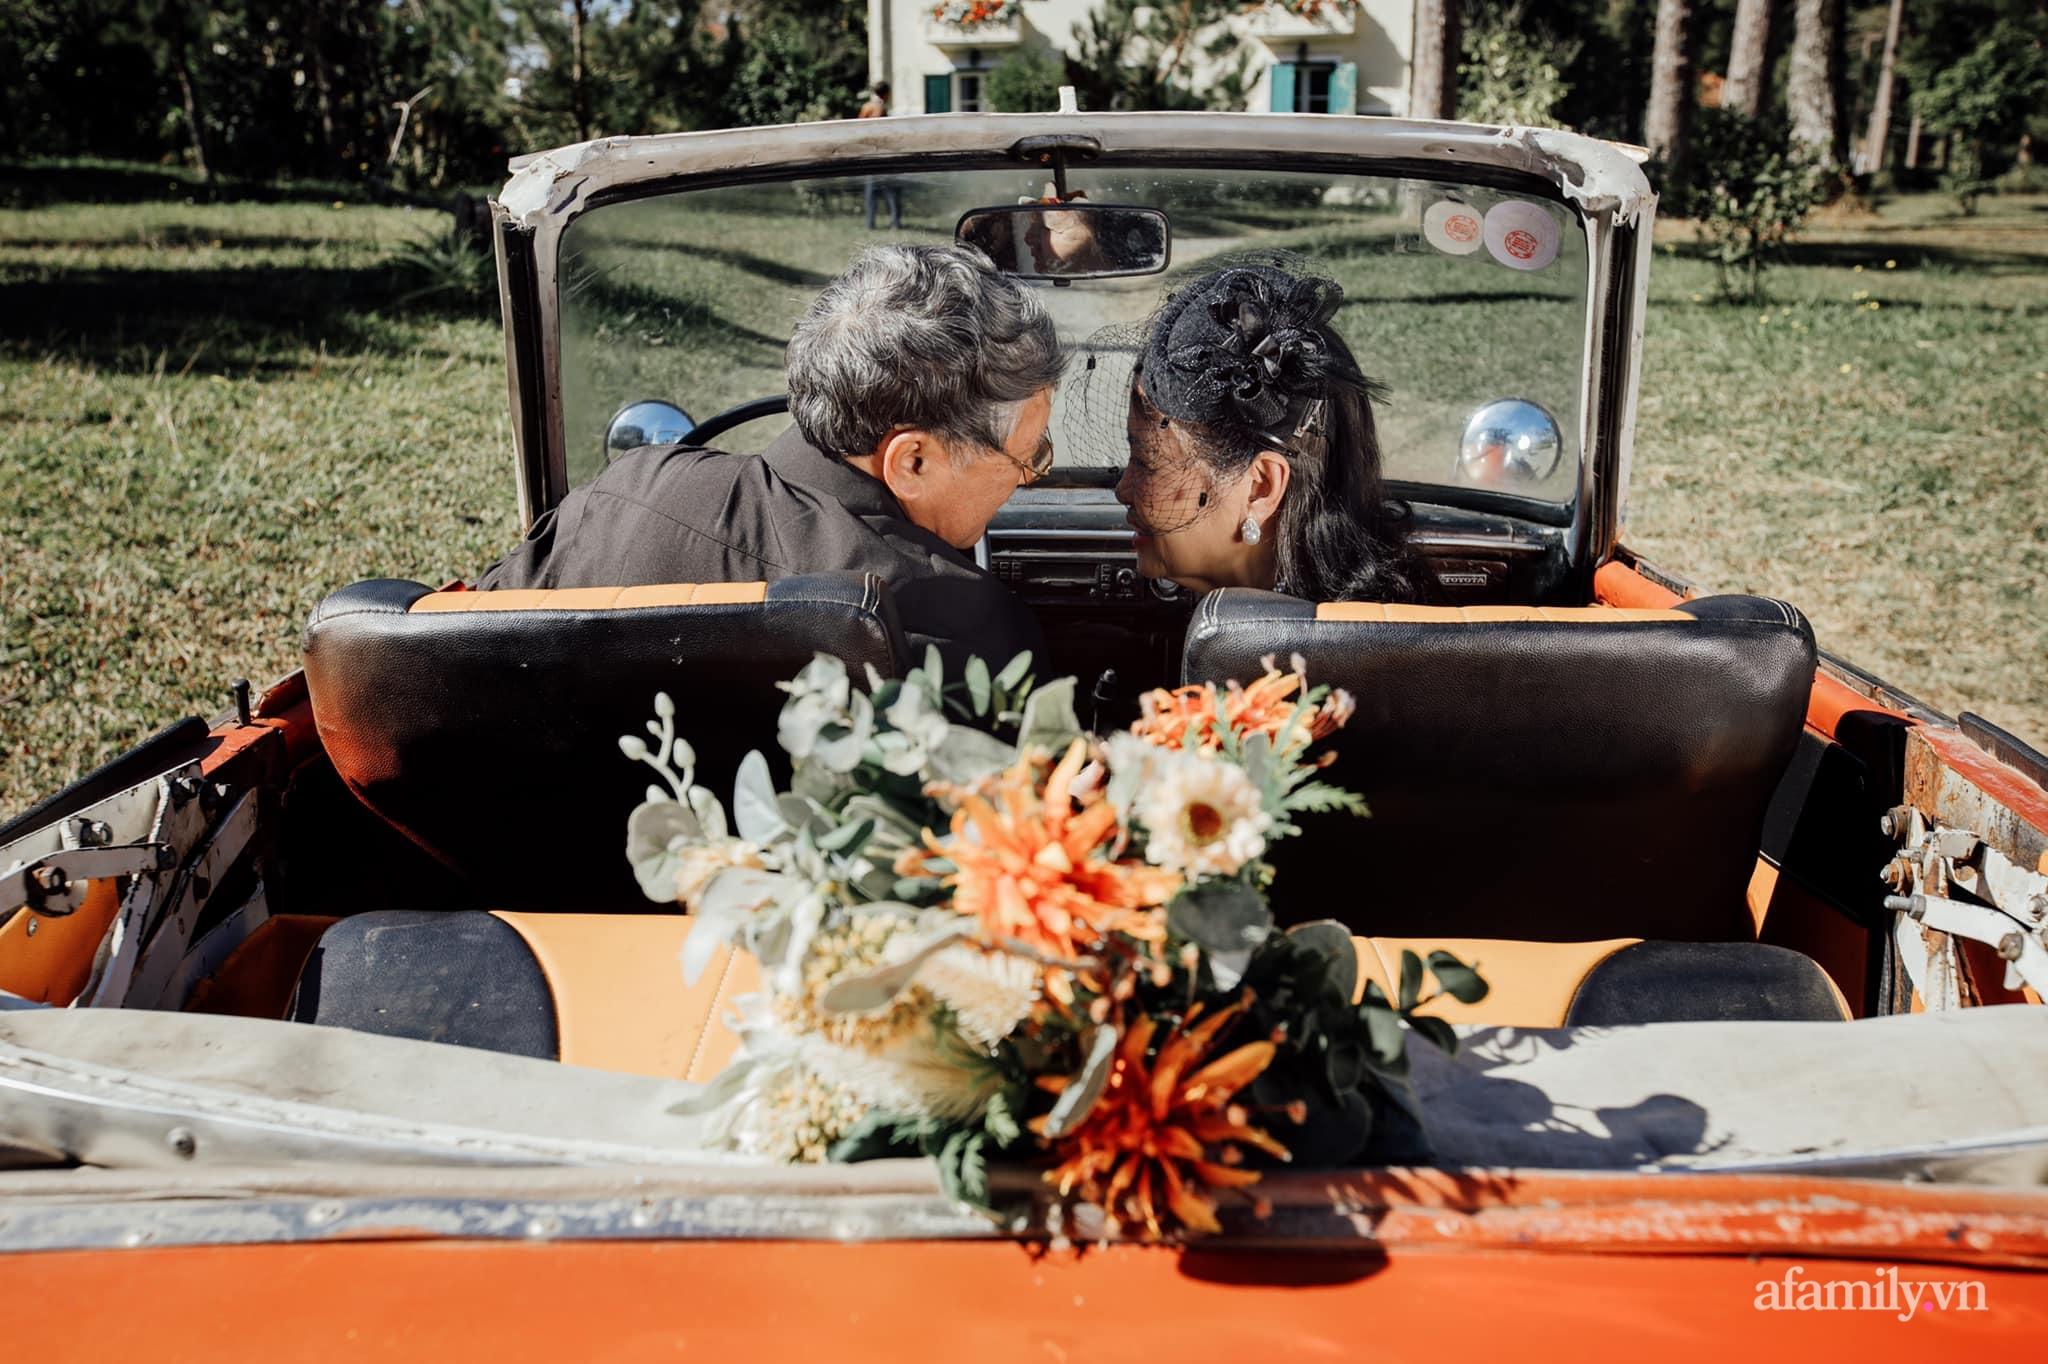 """Bộ ảnh kỉ niệm 47 năm ngày cưới càng ngắm càng thấy """"tình"""" của cặp đôi U80 tại Đà Lạt, khiến ai cũng ước ao có một tình yêu trọn đời ngát xanh - Ảnh 2."""